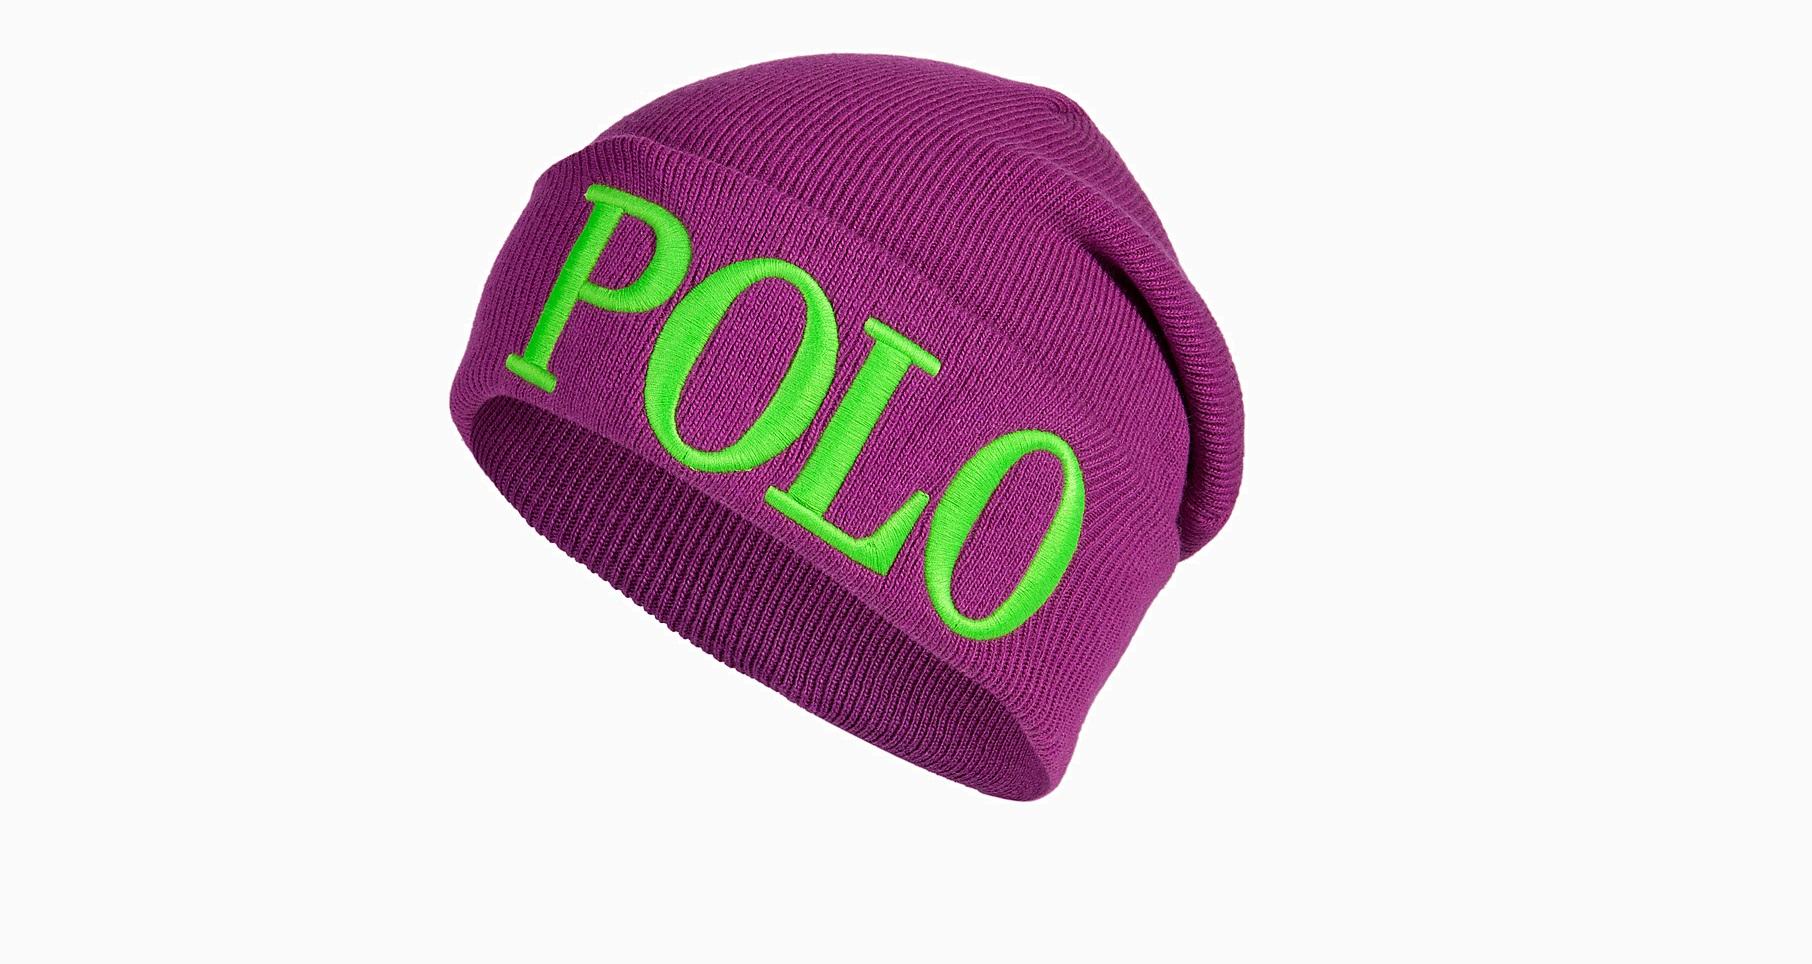 216991 От 600 руб. и до…: 12 самых крутых шапок этой зимы